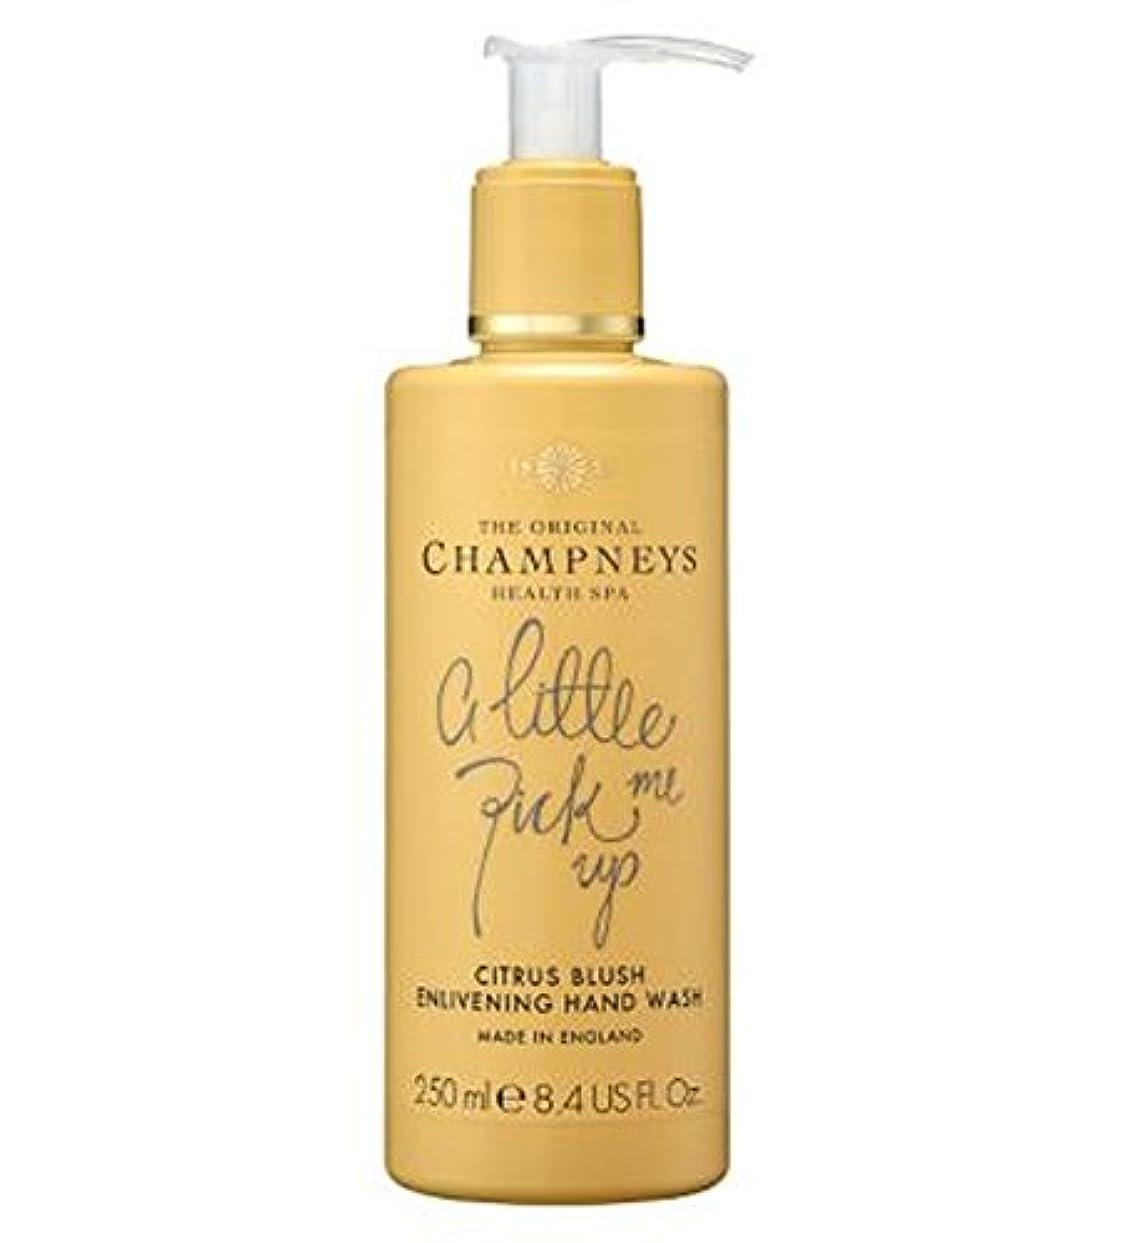 想像力耐えられない佐賀Champneys Citrus Blush Enlivening Hand Wash 250ml - チャンプニーズシトラス赤面盛り上げハンドウォッシュ250ミリリットル (Champneys) [並行輸入品]